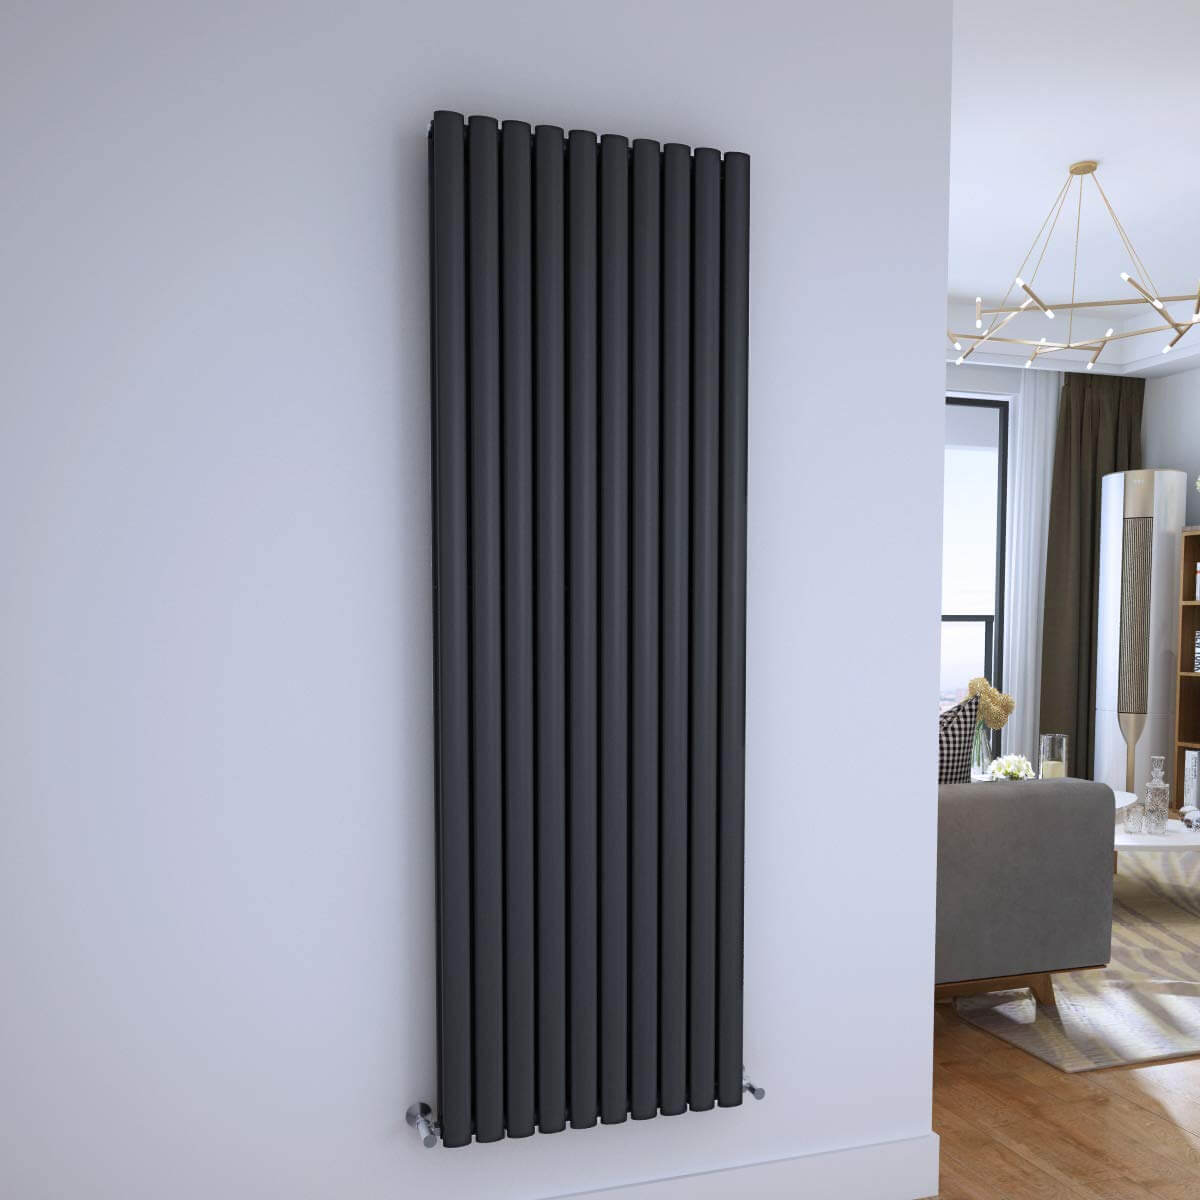 Best Vertical Radiators For 2021 Heat Pump Source